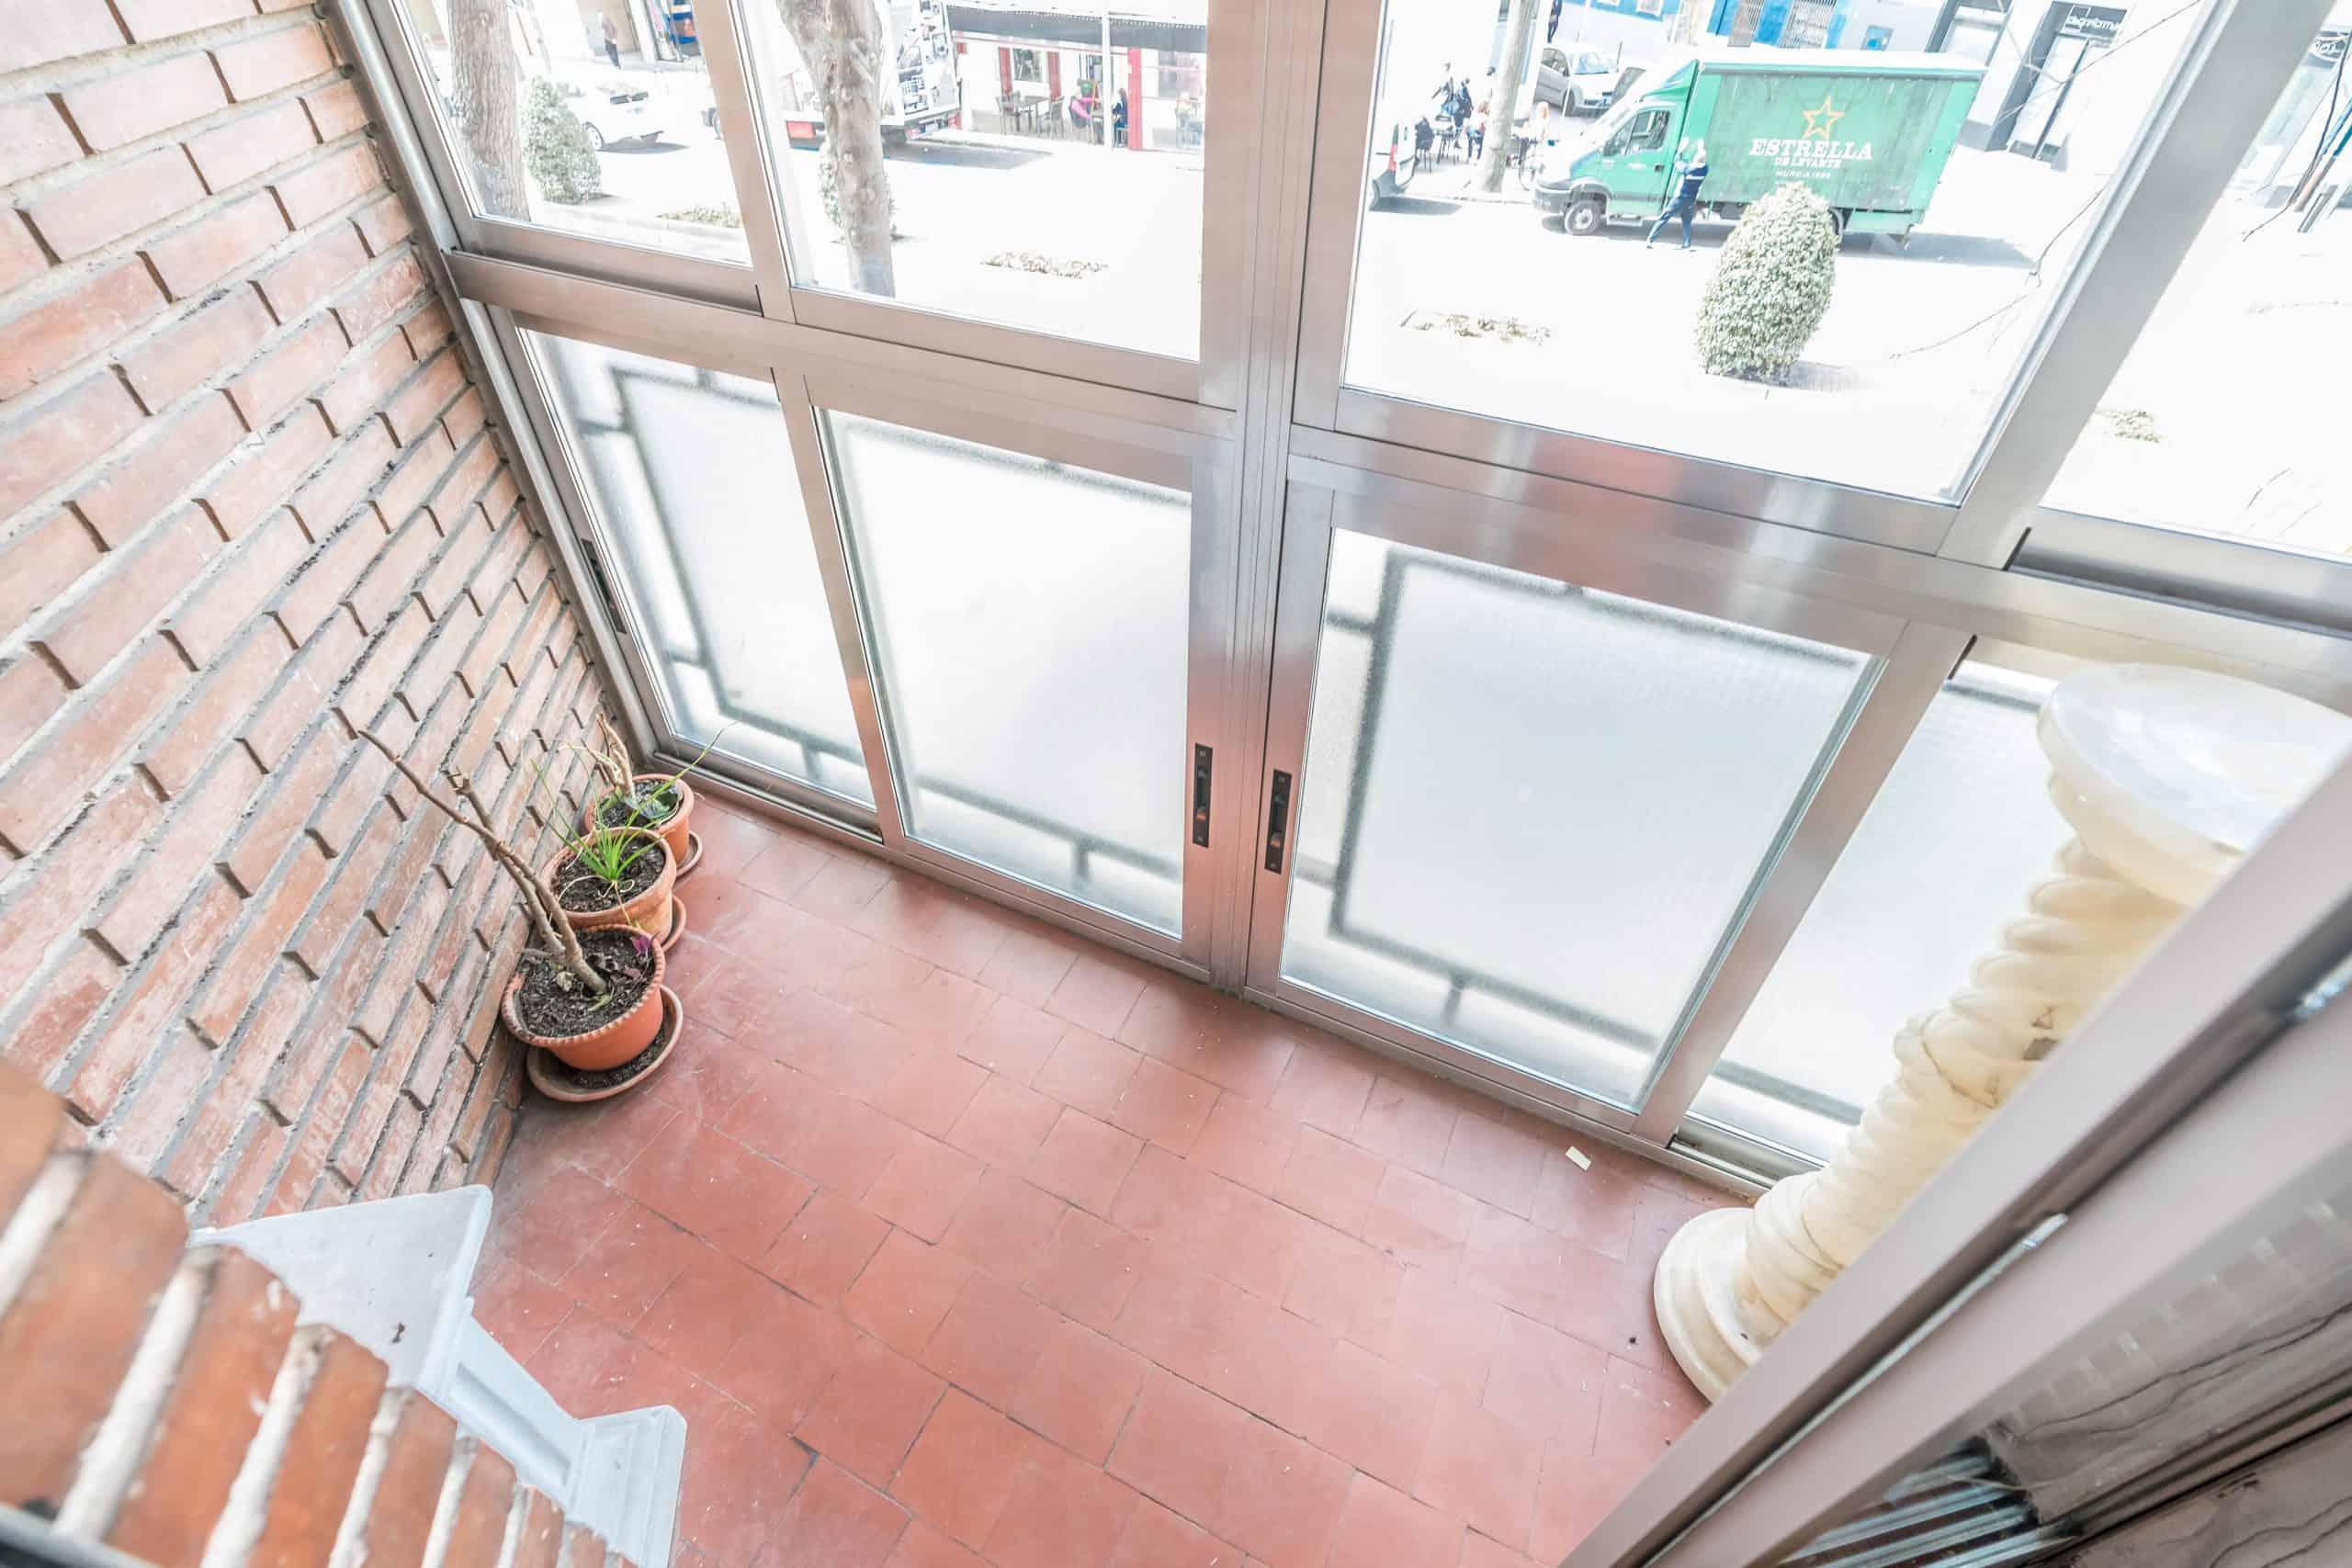 Agencia Inmobiliaria de Madrid-FUTUROCASA-Zona ARGANZUELA-LEGAZPI -calle Jaime Conquistador 27- Balcón 1